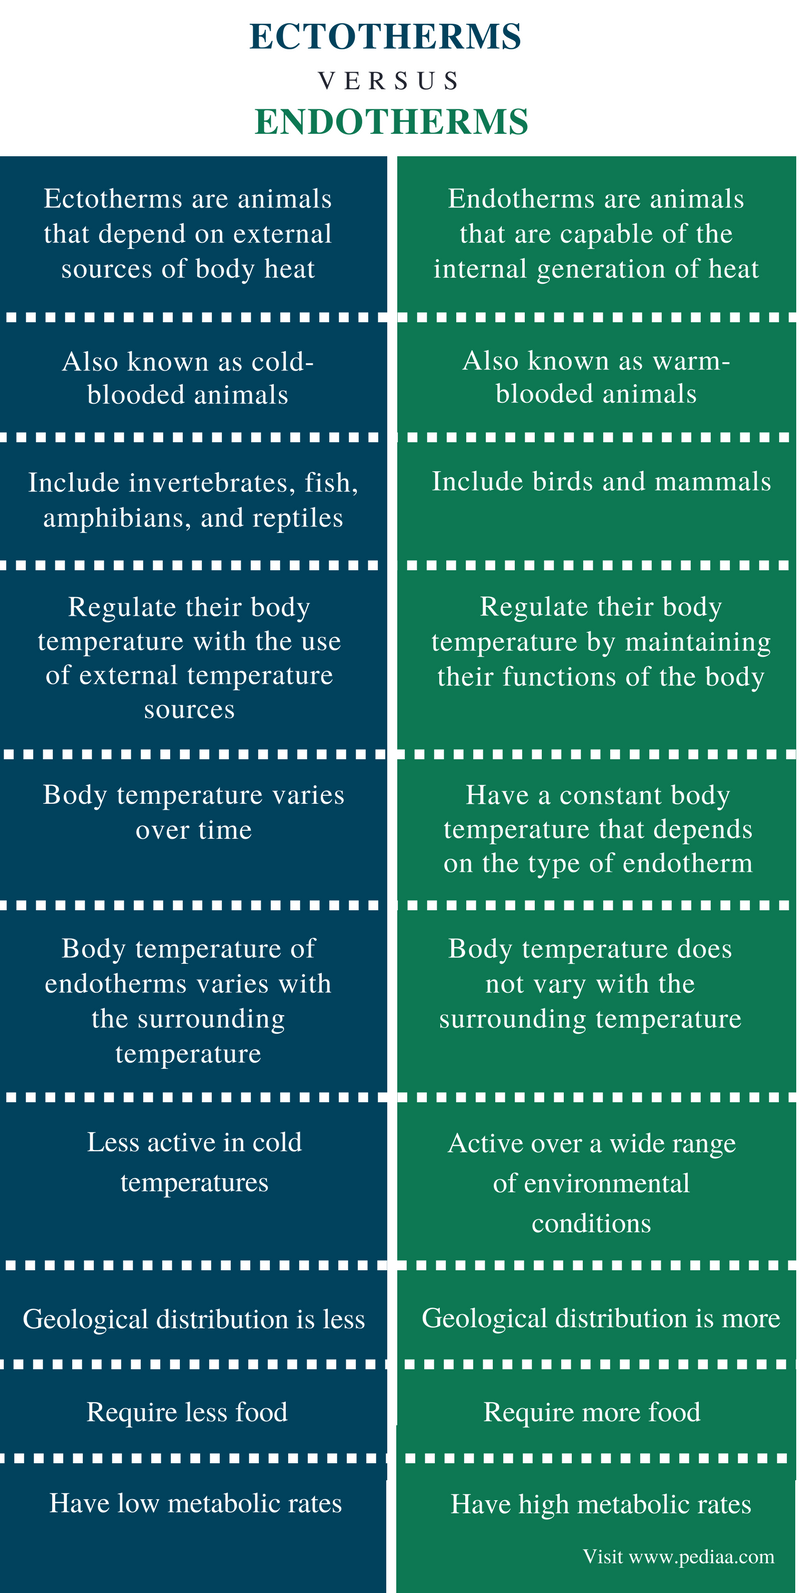 Différence entre ectothermes et endothermes -. Résumé de la comparaison (1)